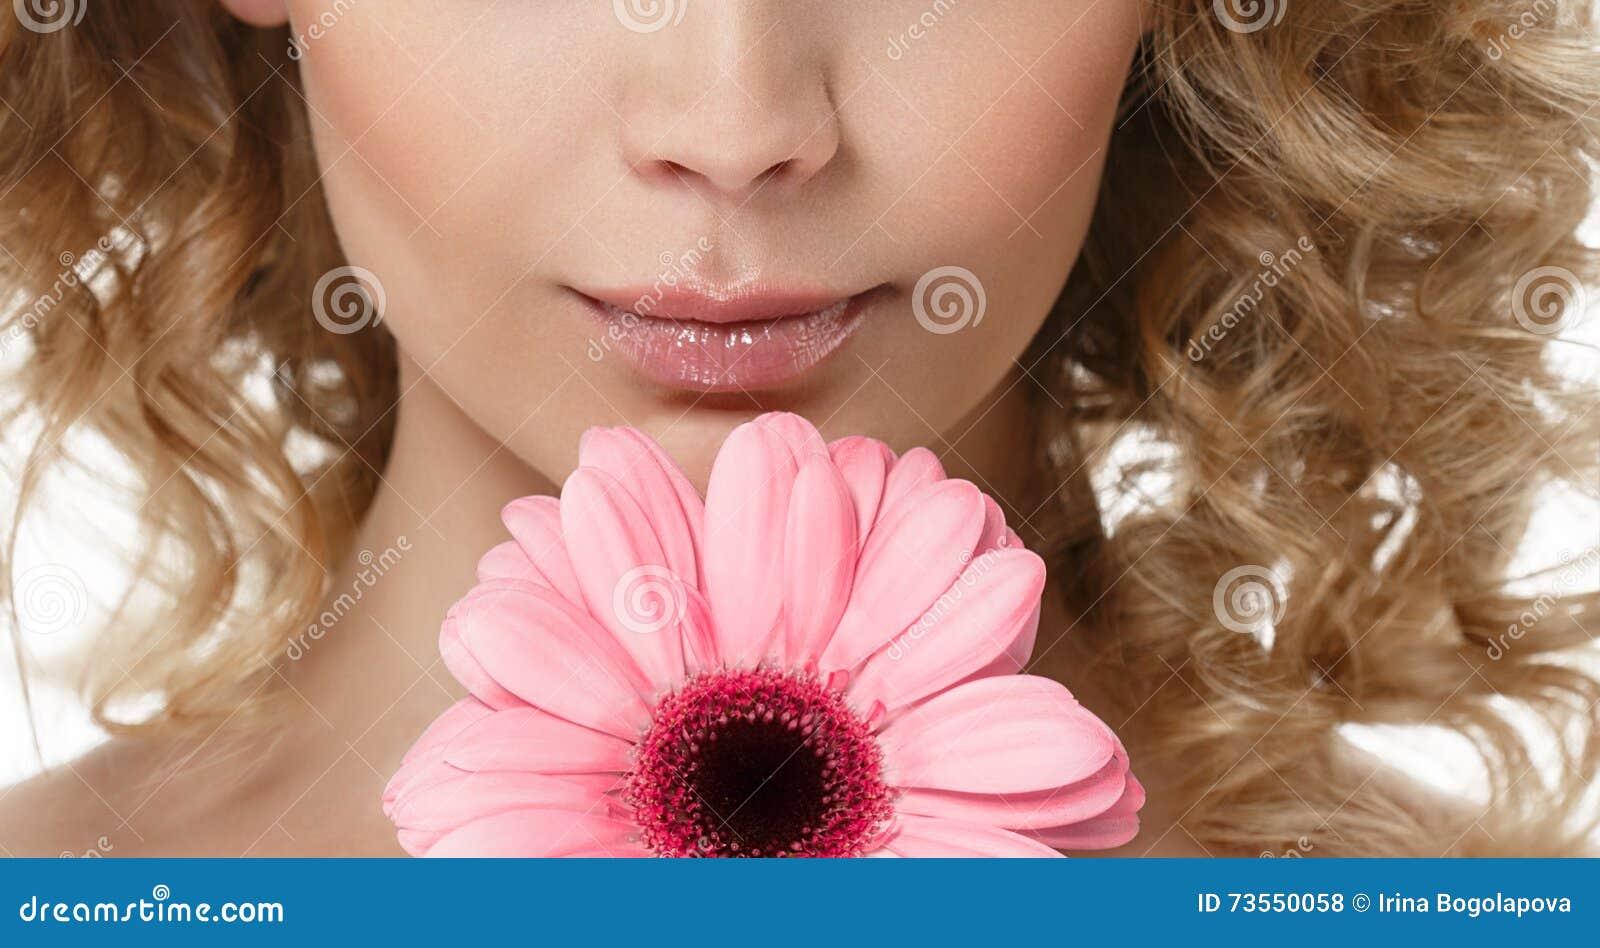 Πορτρέτο ομορφιάς πηγουνιών χειλικής μύτης γυναικών με το λουλούδι στα σγουρά ξανθά μαλλιά τρίχας